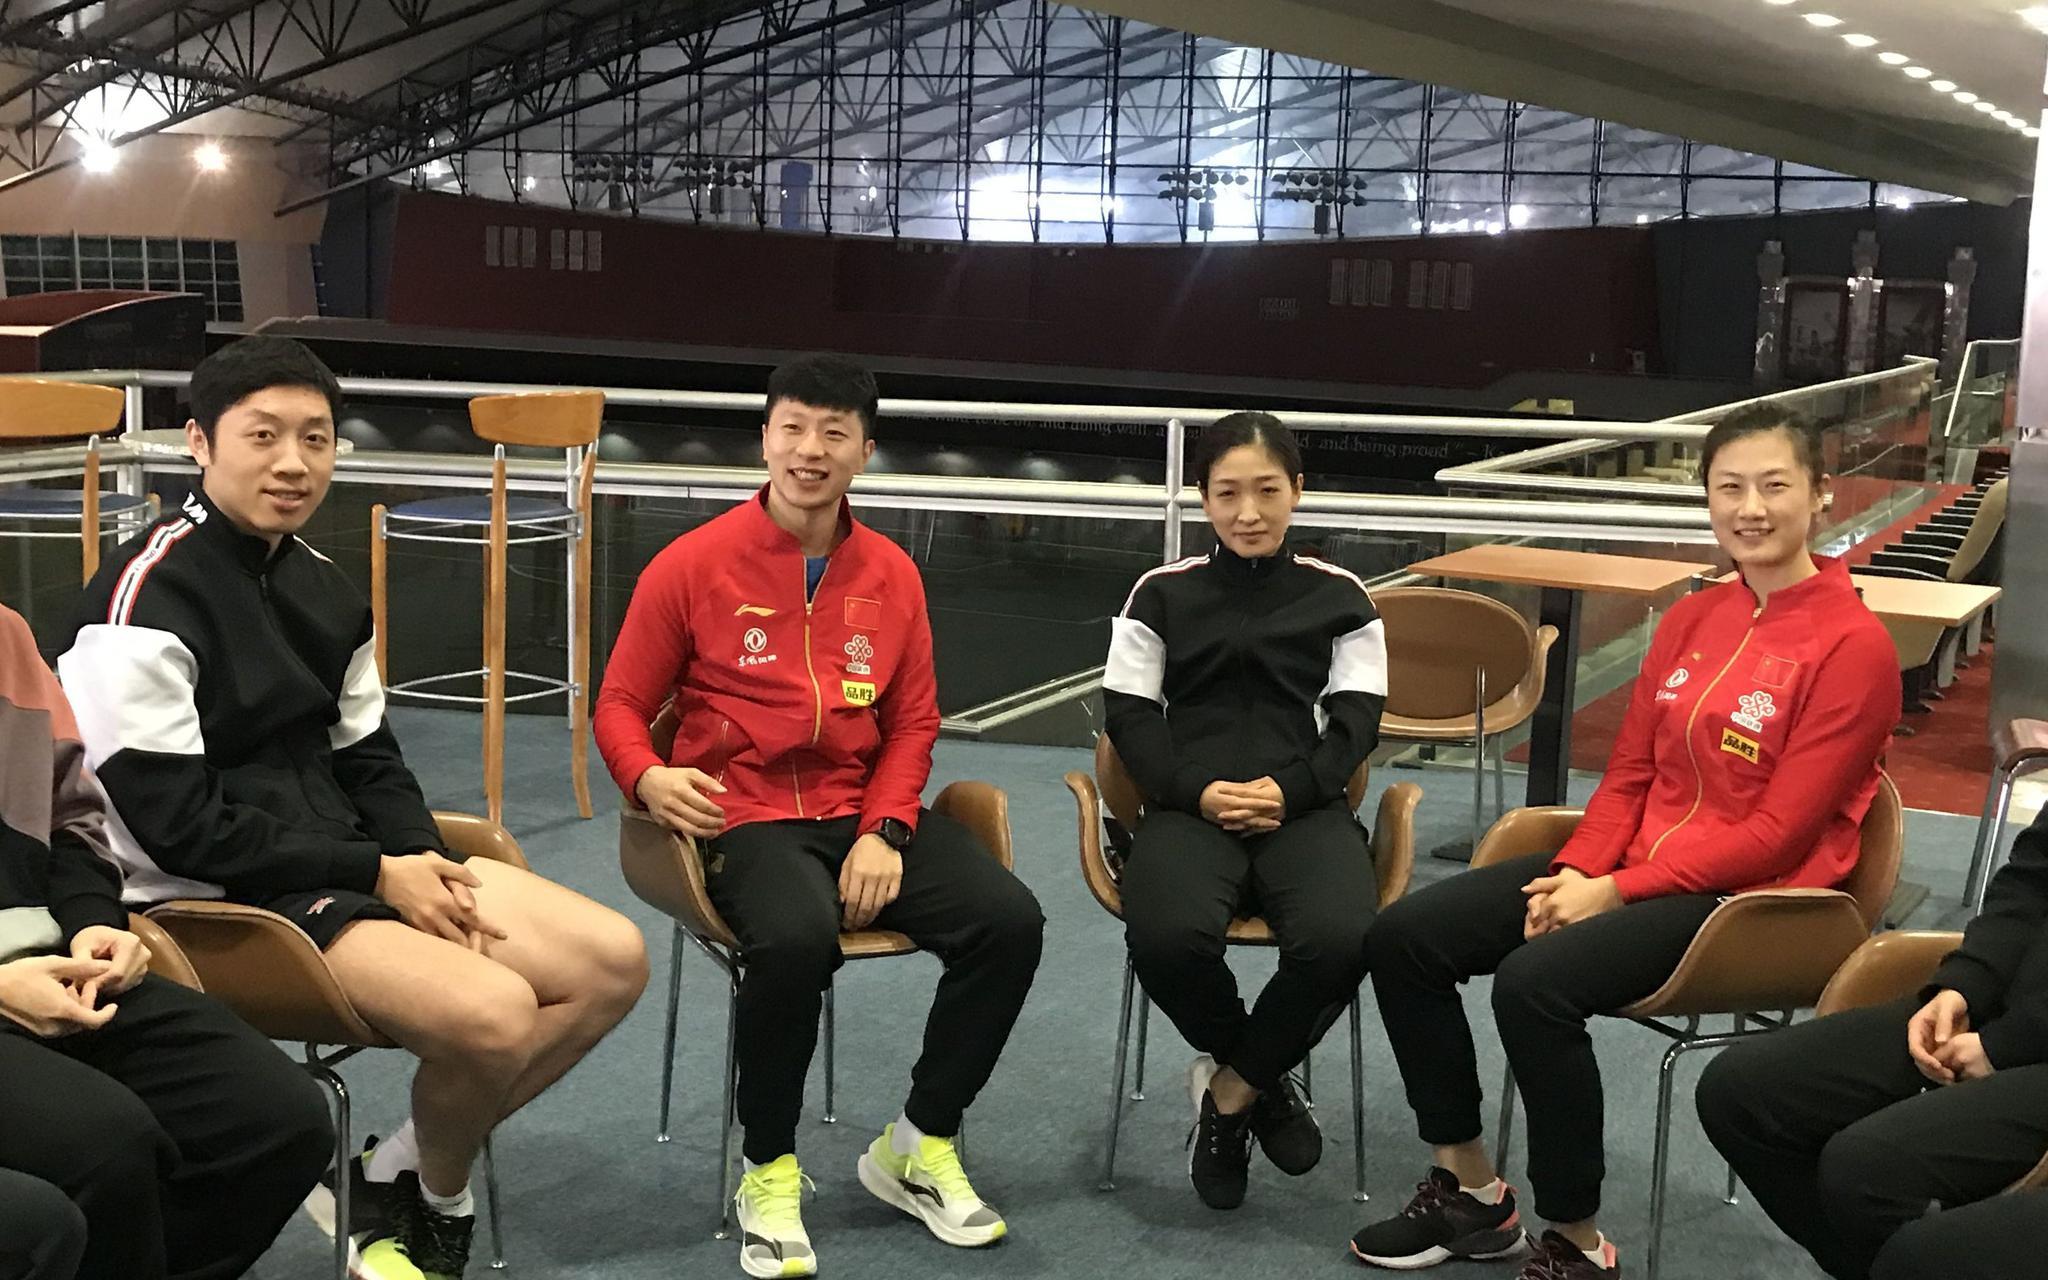 国际乒联又宣布推迟两站赛事,国乒队或提前返京图片